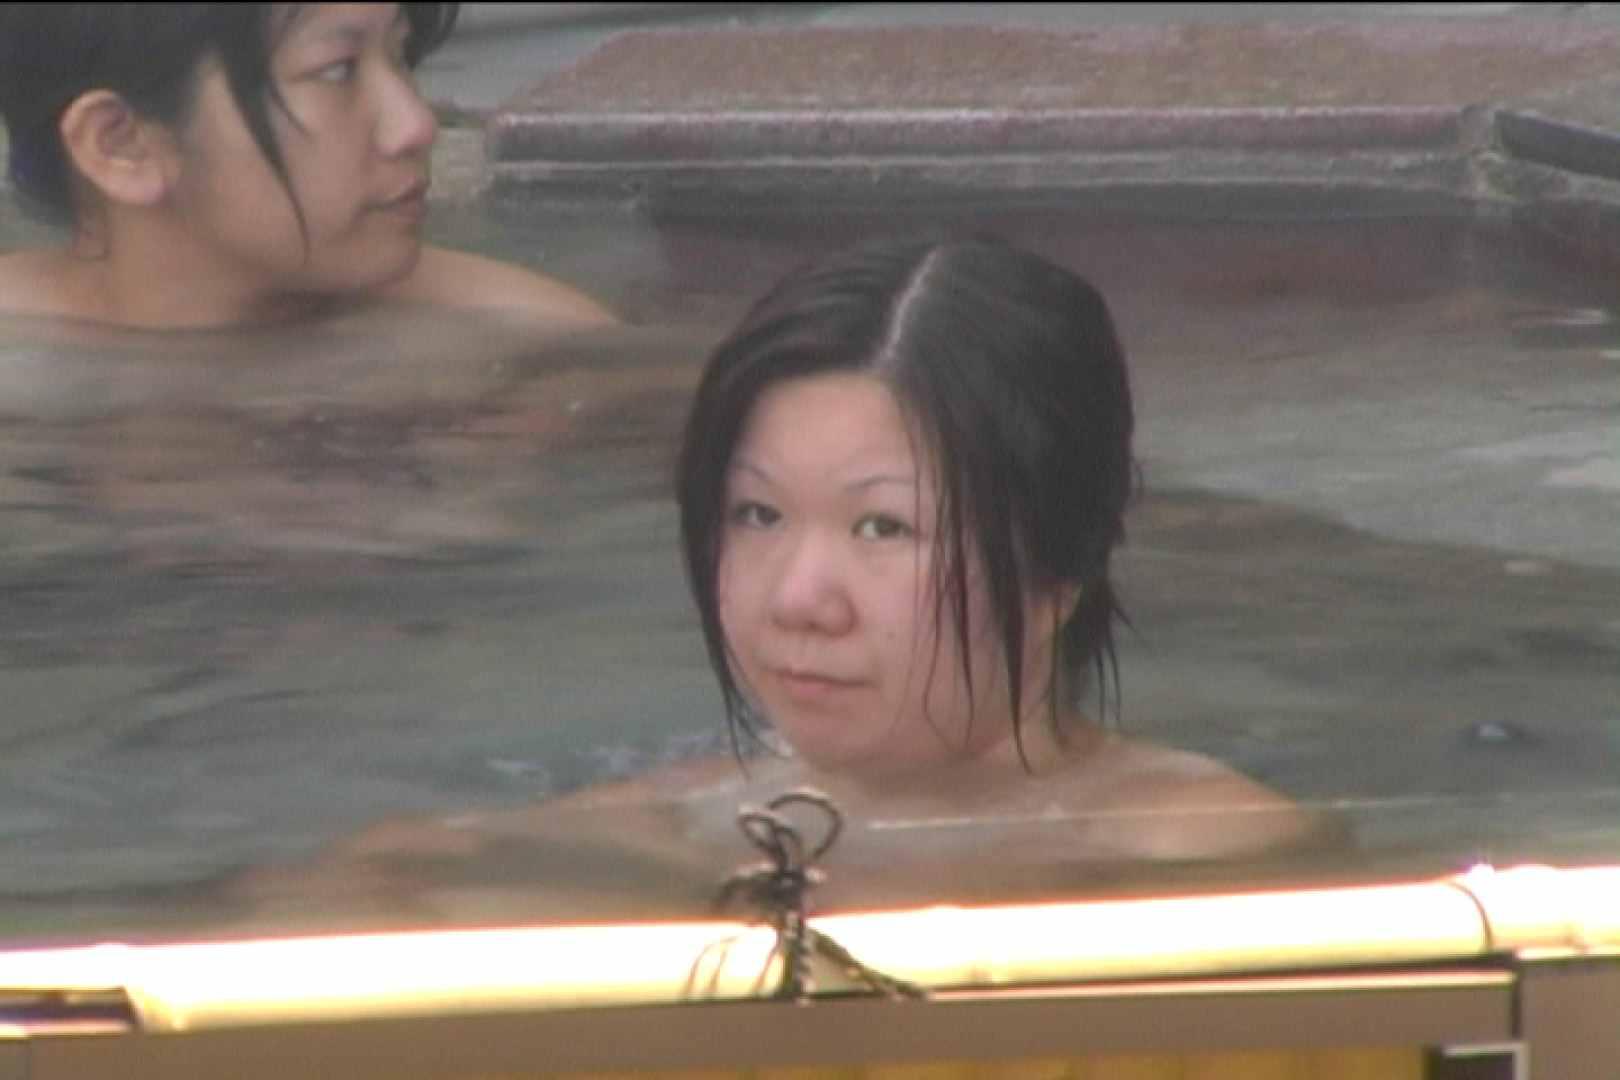 Aquaな露天風呂Vol.527 盗撮 | 露天  72枚 58